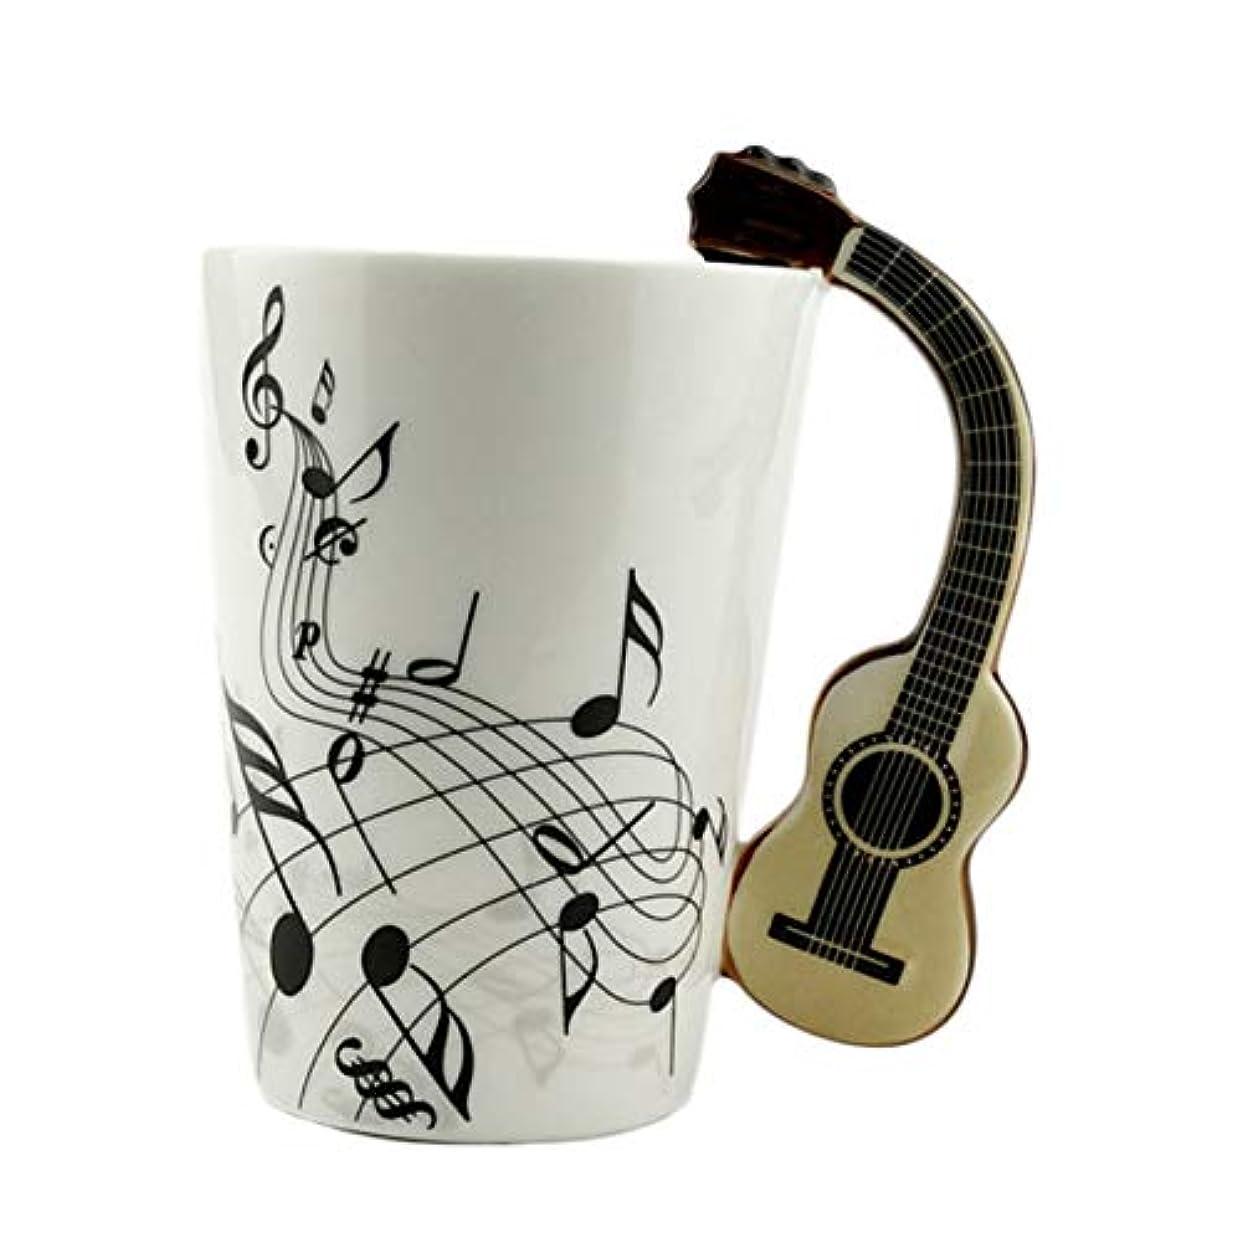 バストキャラバン植物学者Saikogoods ノベルティアートセラミックマグカップ楽器は スタイルのコーヒーミルクカップクリスマスギフトホームオフィスカップ グラスに注意してください。 ホワイトボディギター